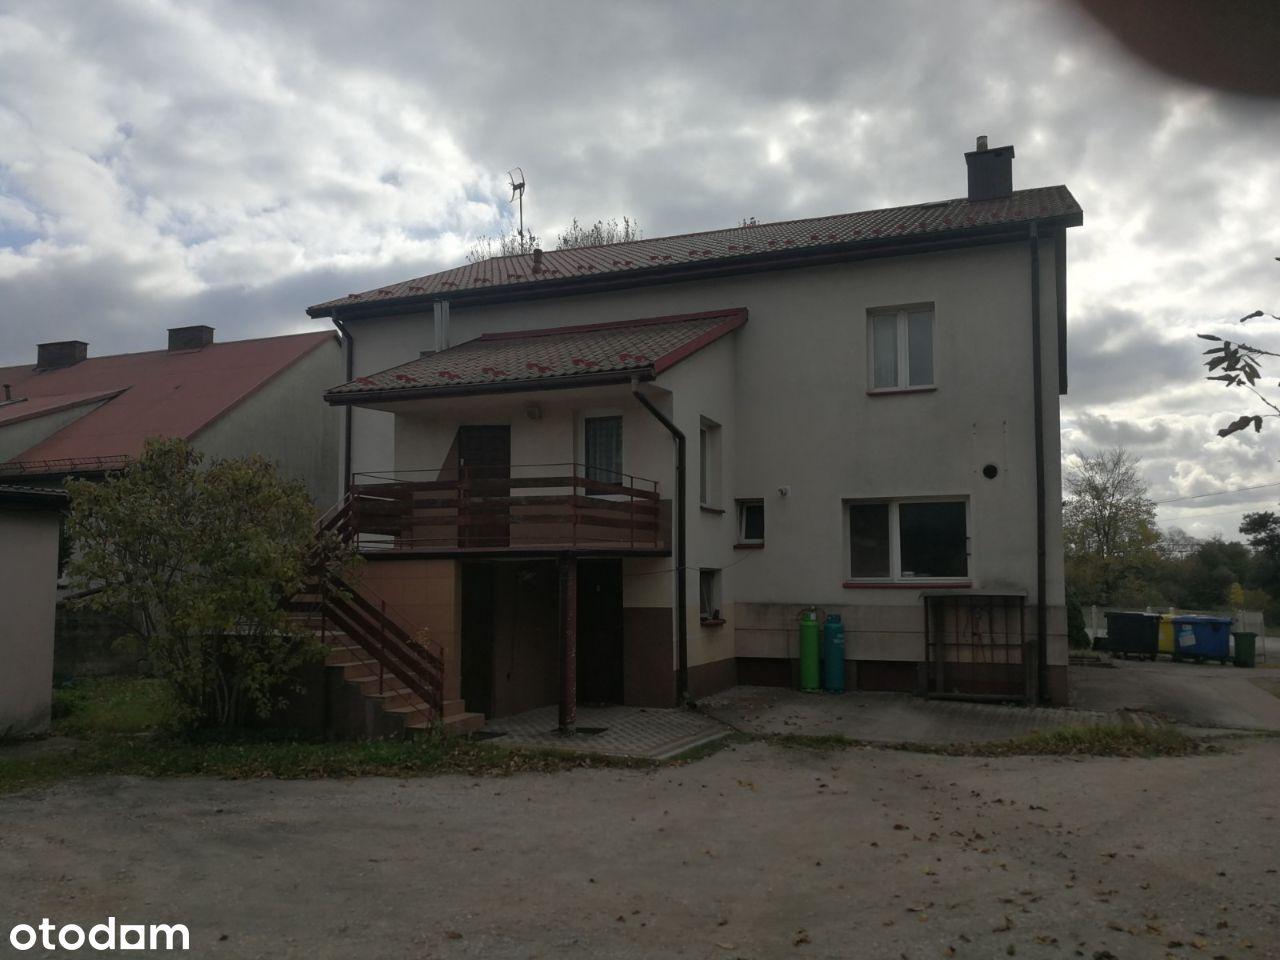 Sprzedam dom 285 m2 11 pokoi dwa mieszkania